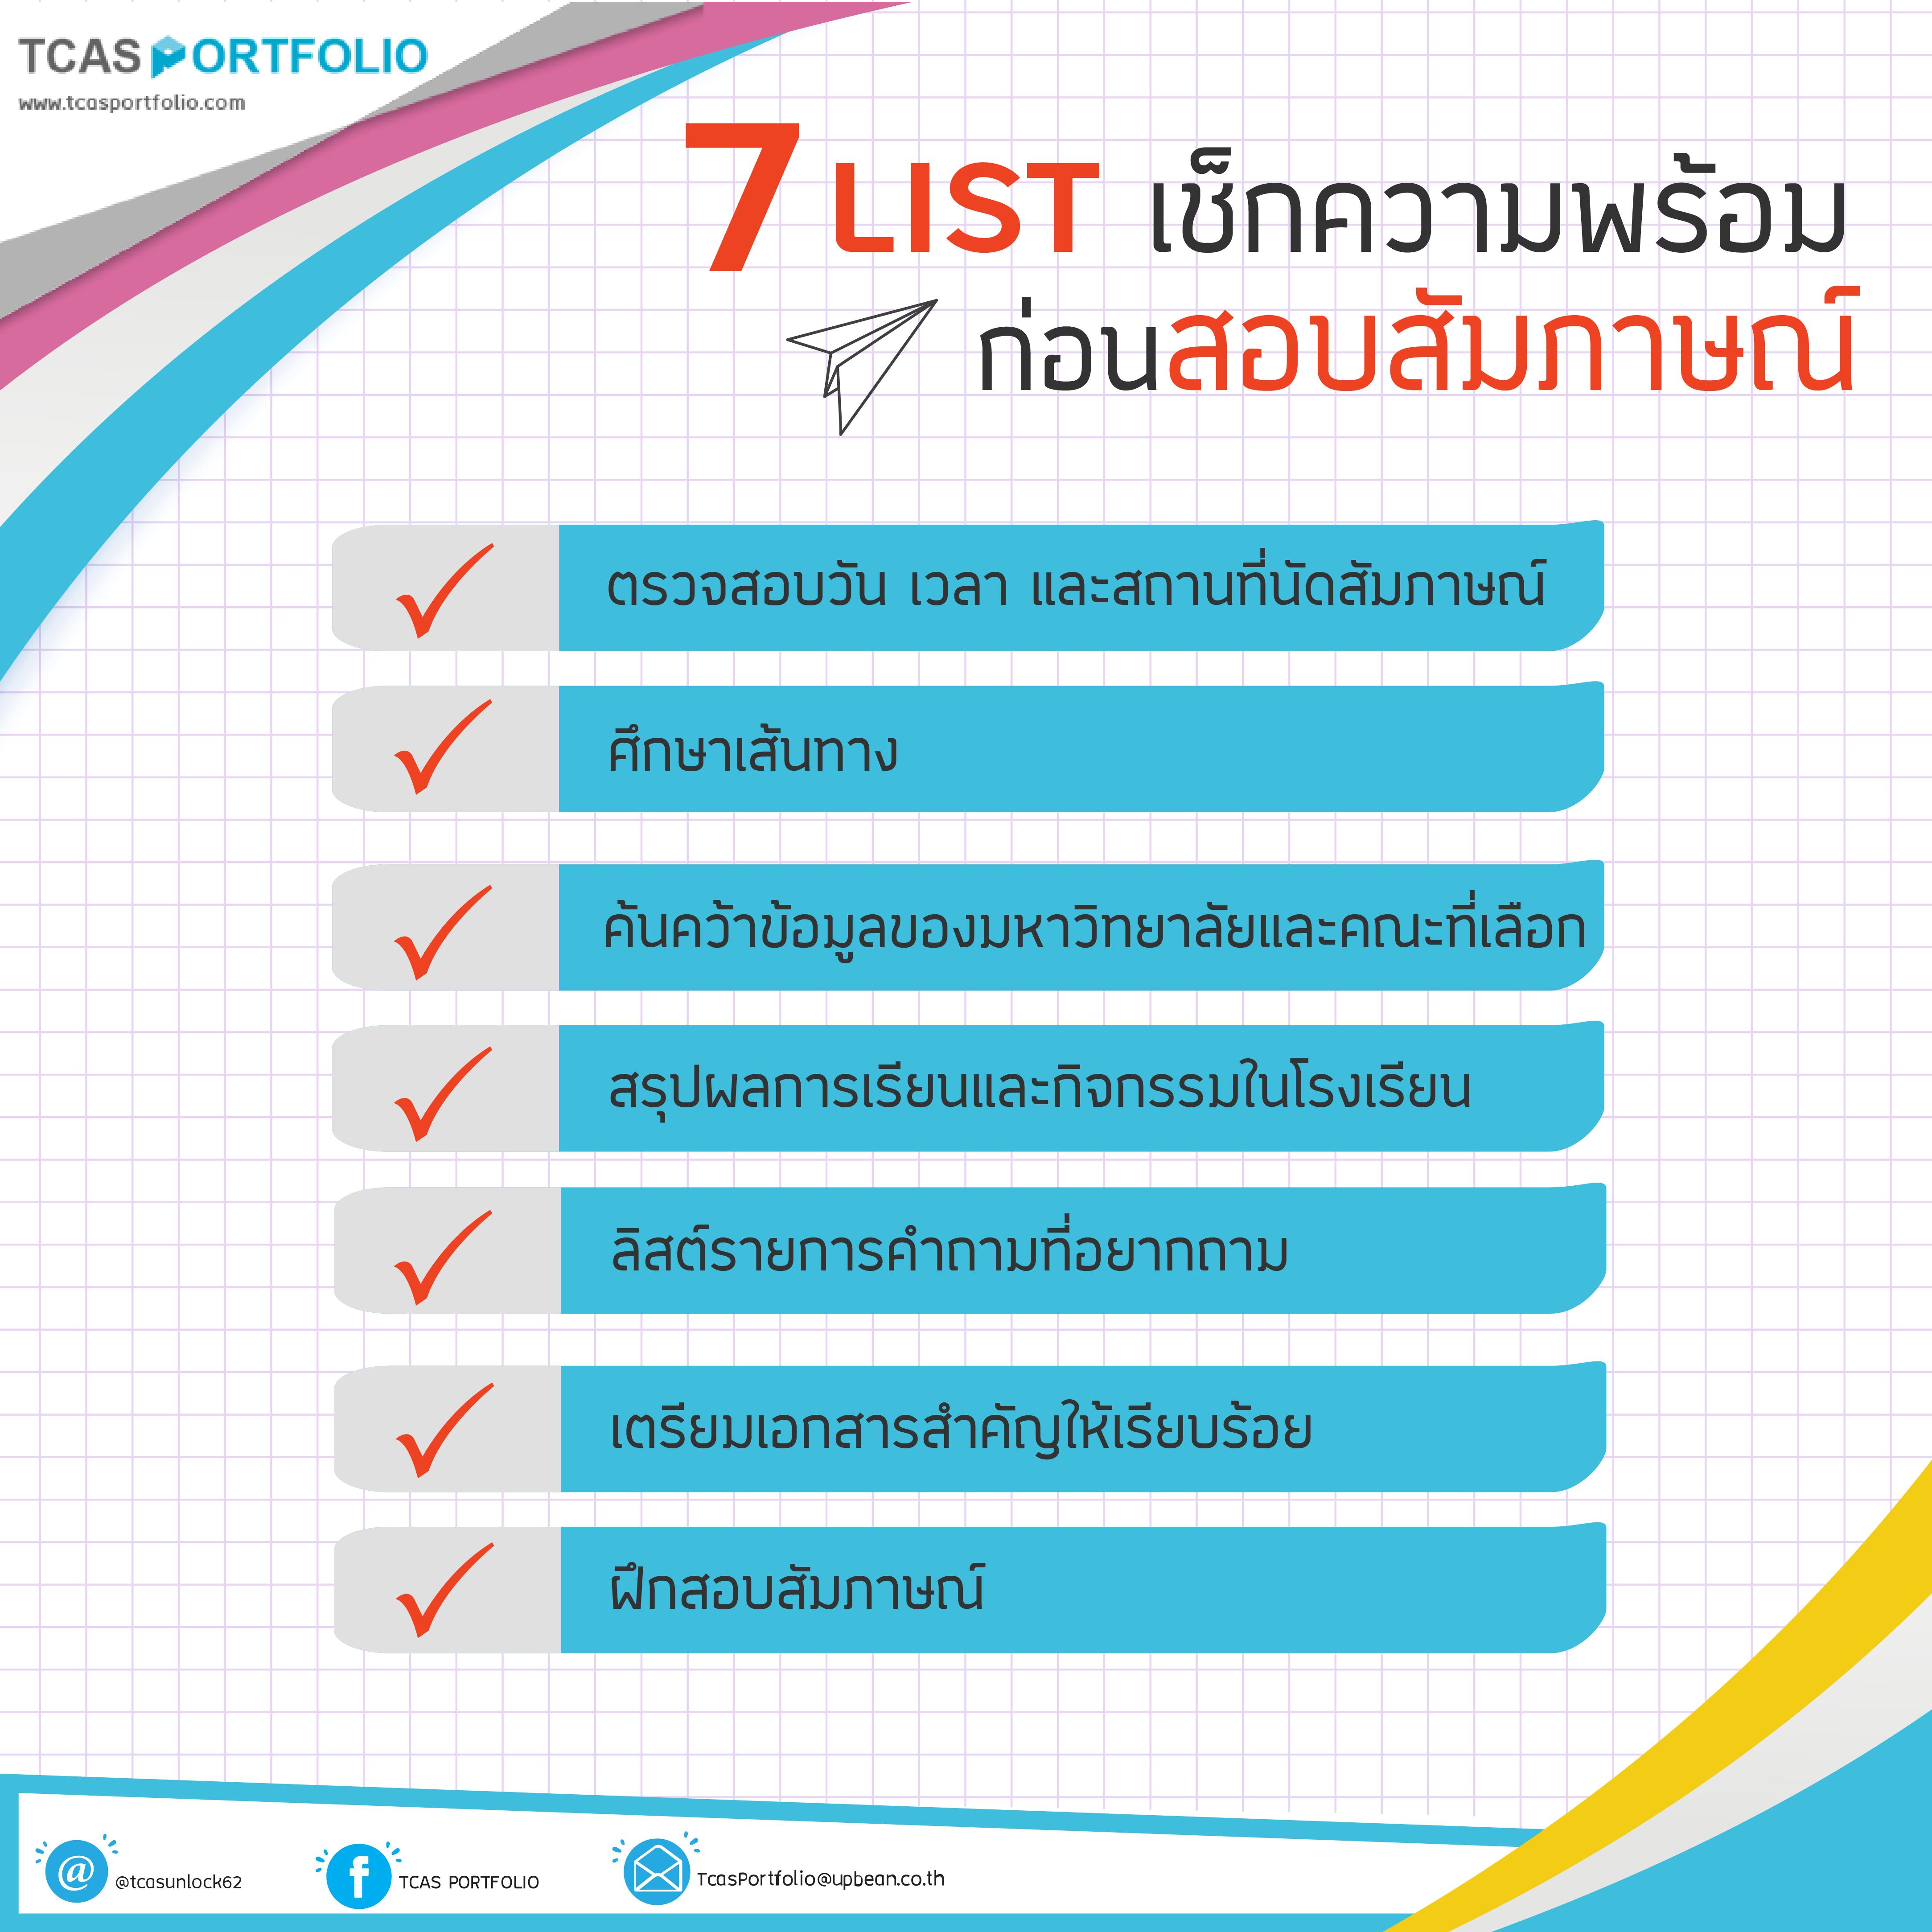 7 List เช็คความพร้อมก่อนสอบสัมภาษณ์